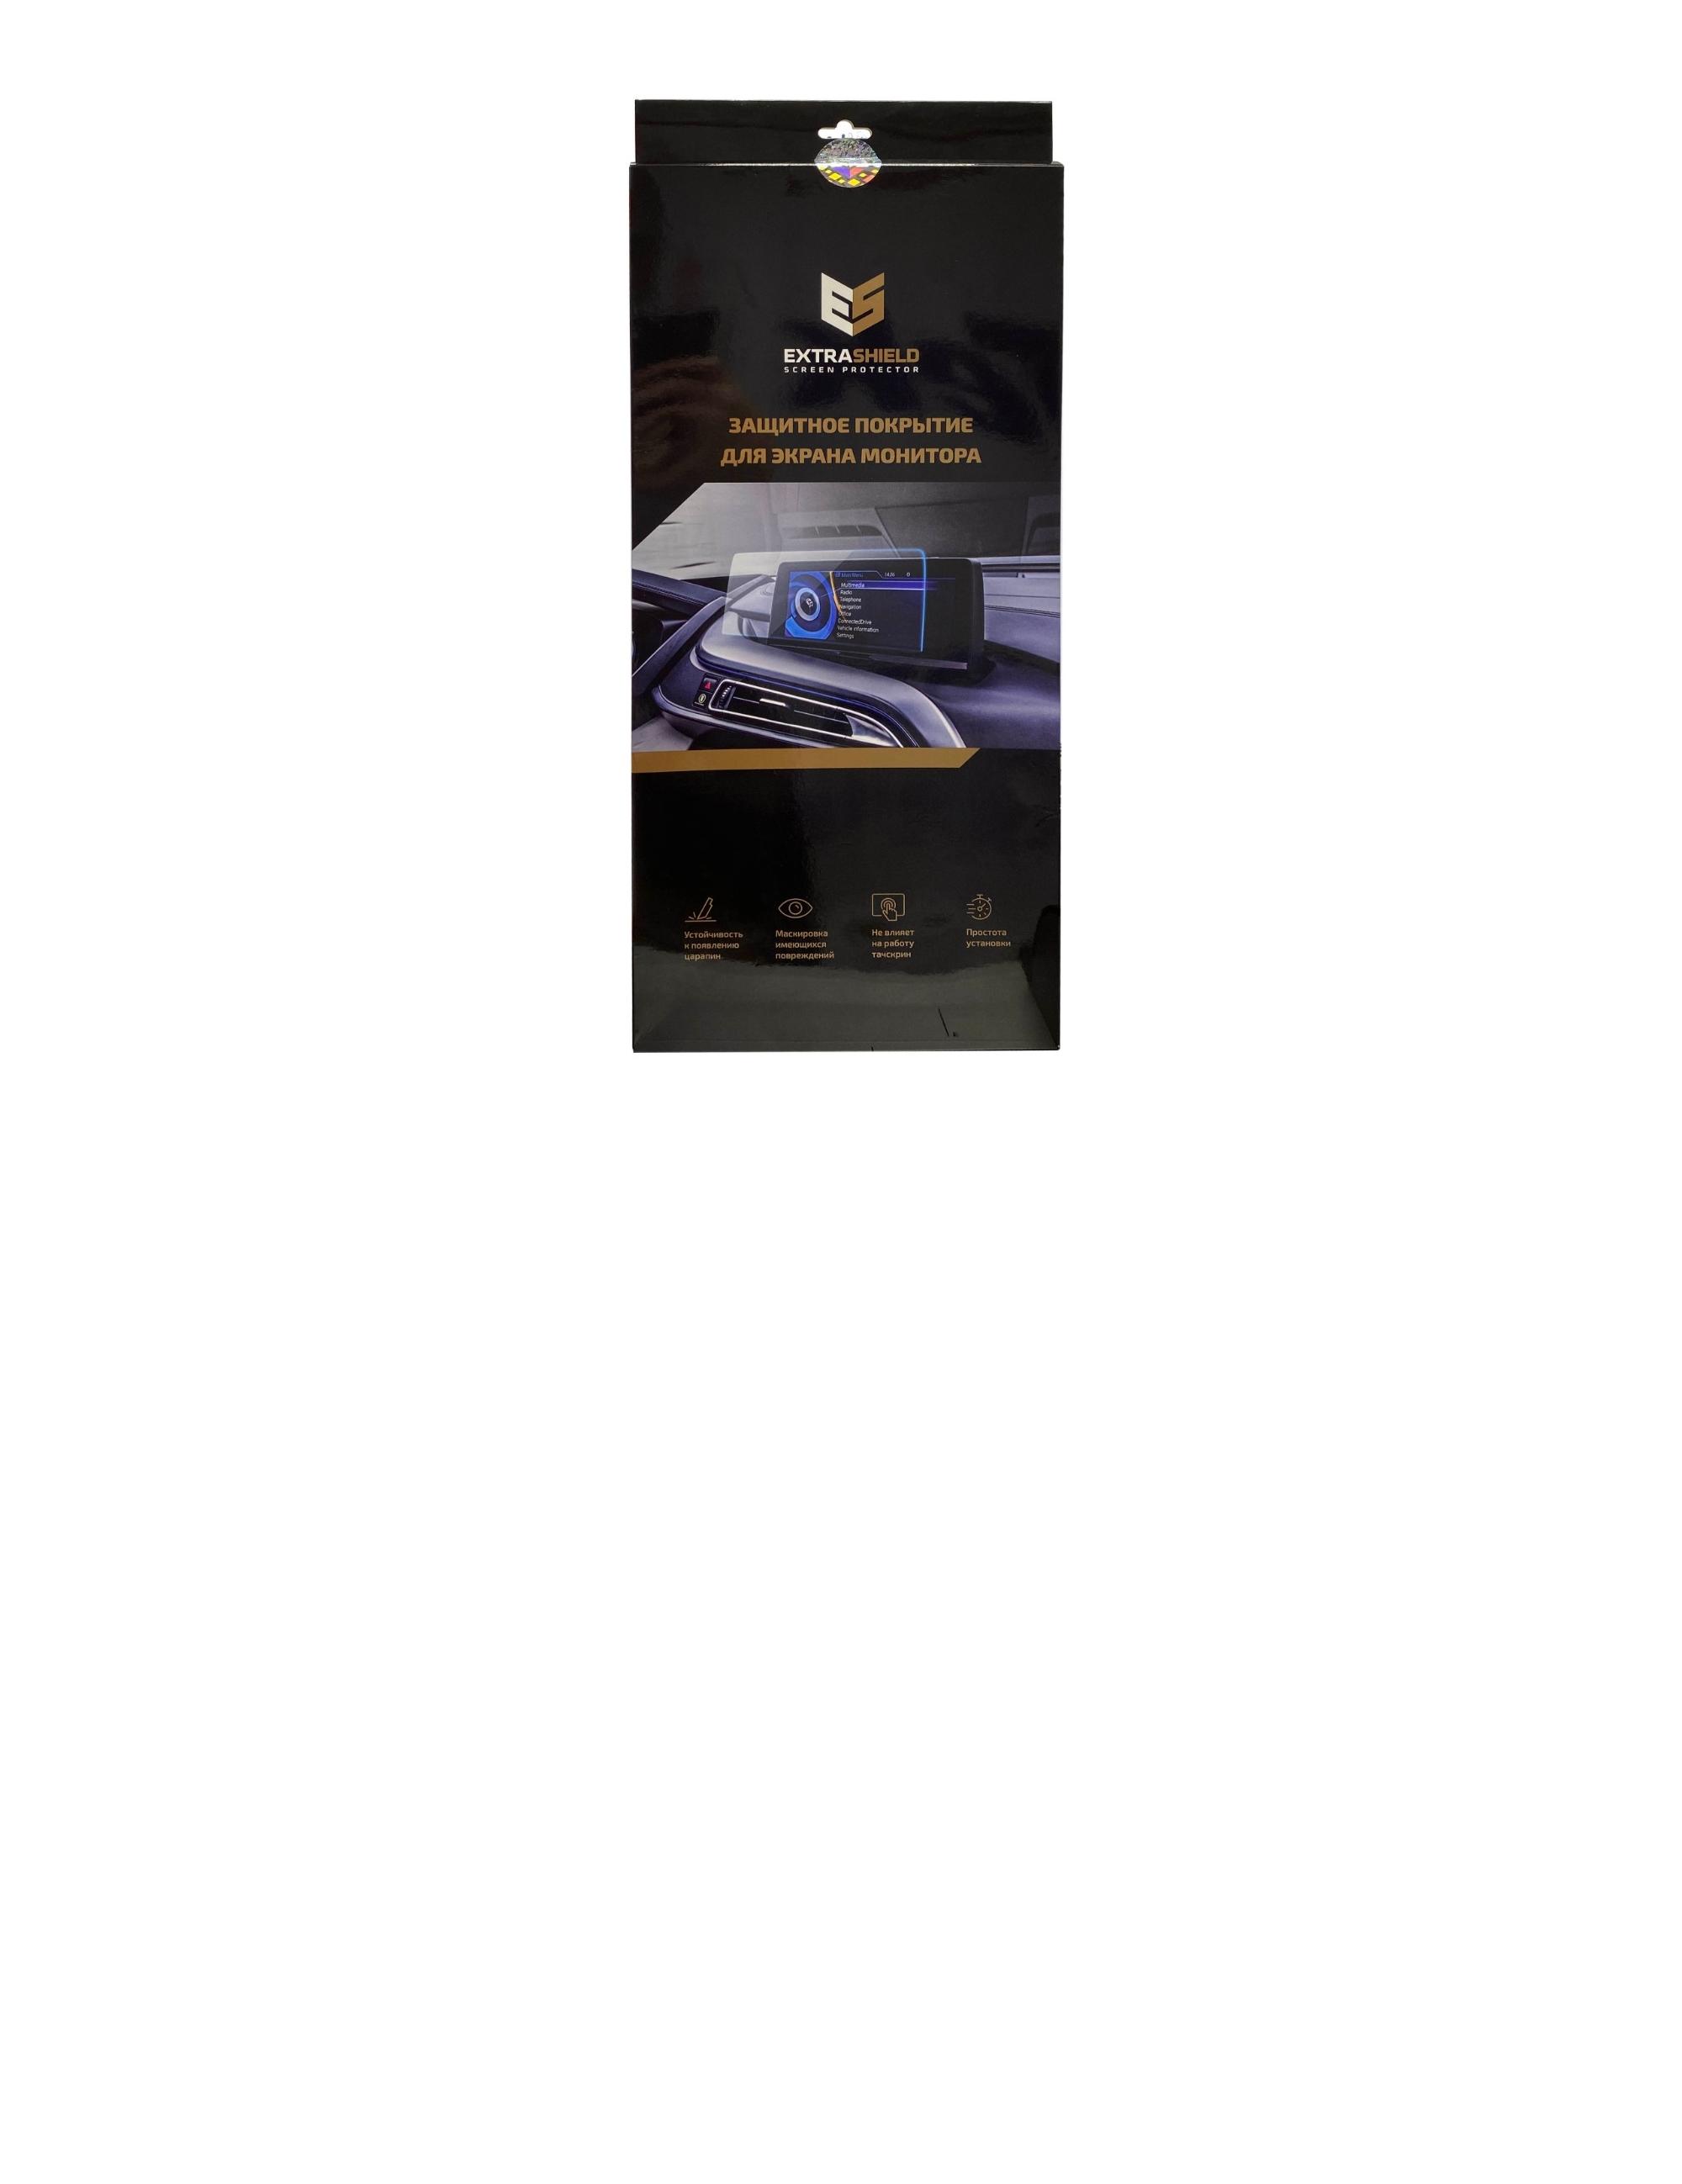 Audi A7 I (4G) 2014 - 2018 мультимедиа MMI 8 Защитное стекло Глянец